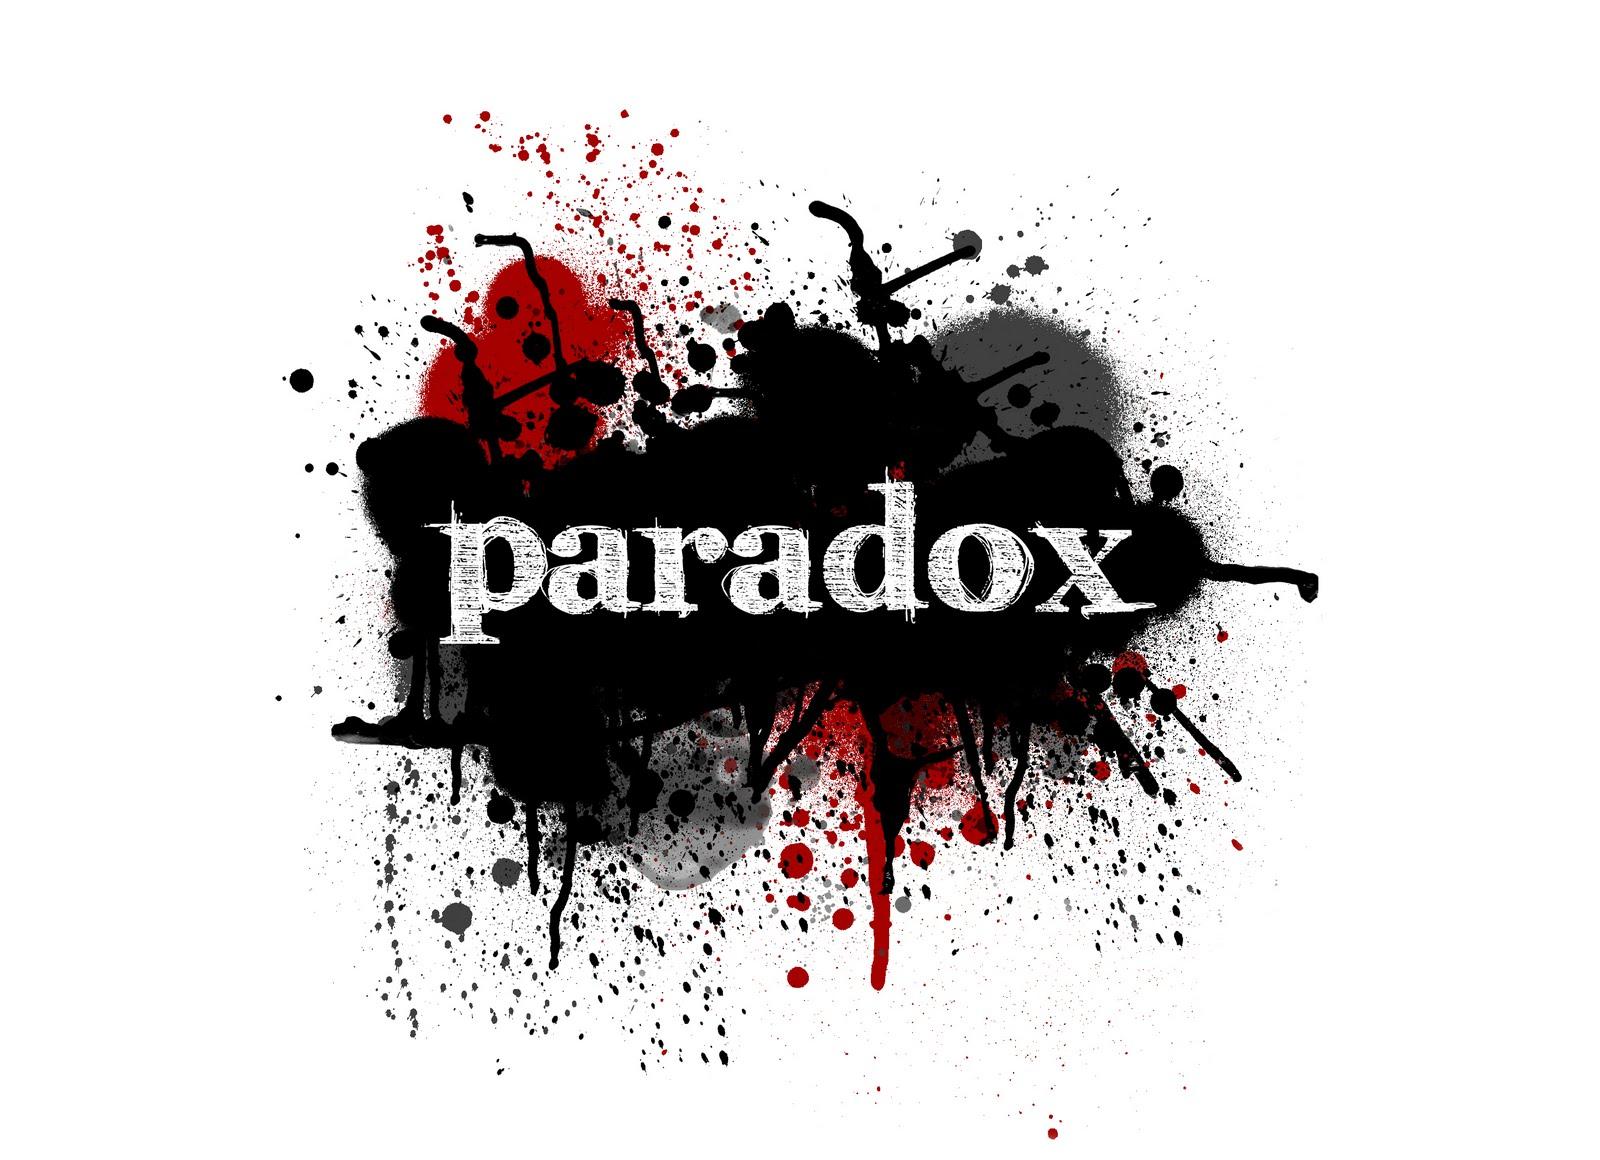 Фото с надписью парадокс, надписью лешенька тебя